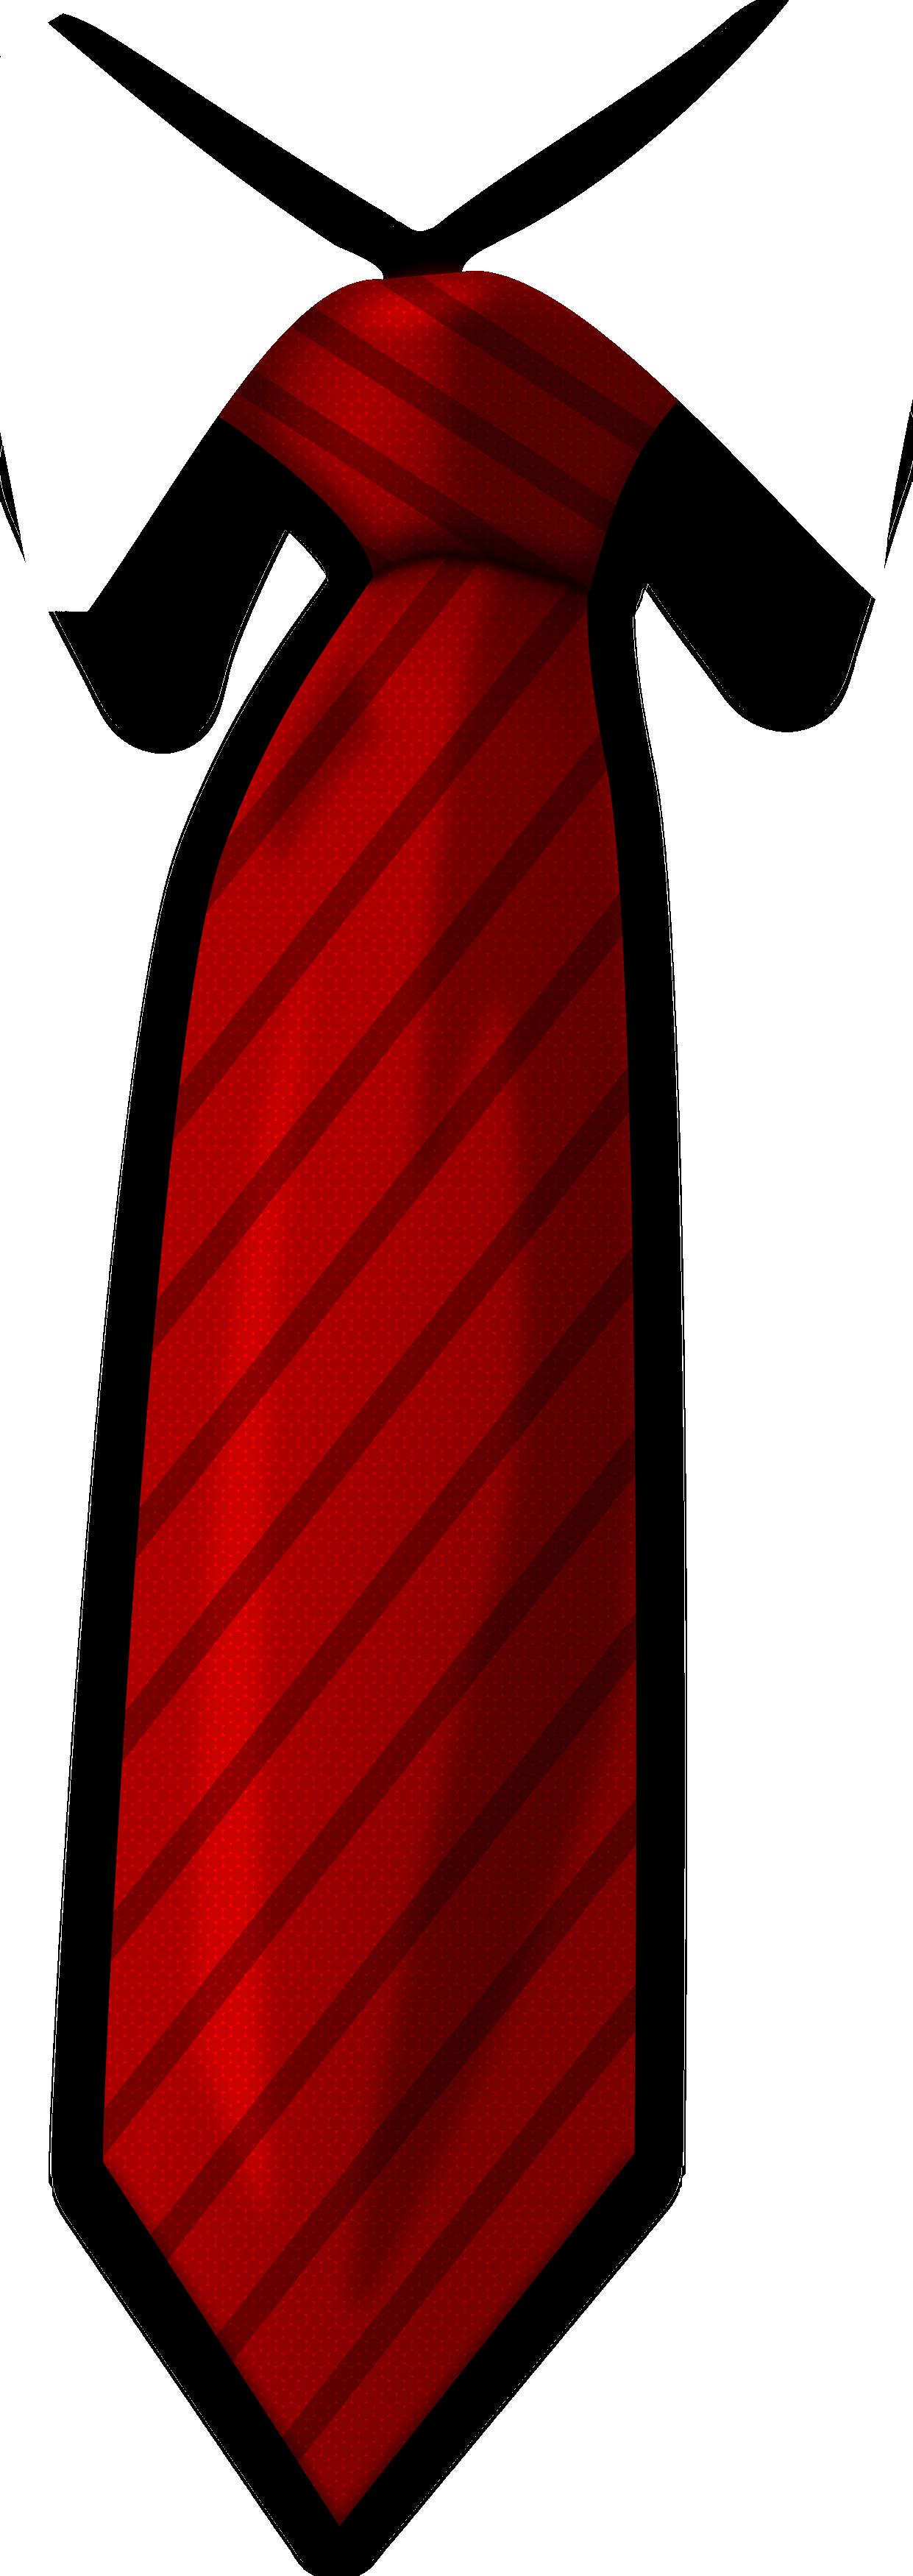 Purple clipart necktie. Tie png transparent images